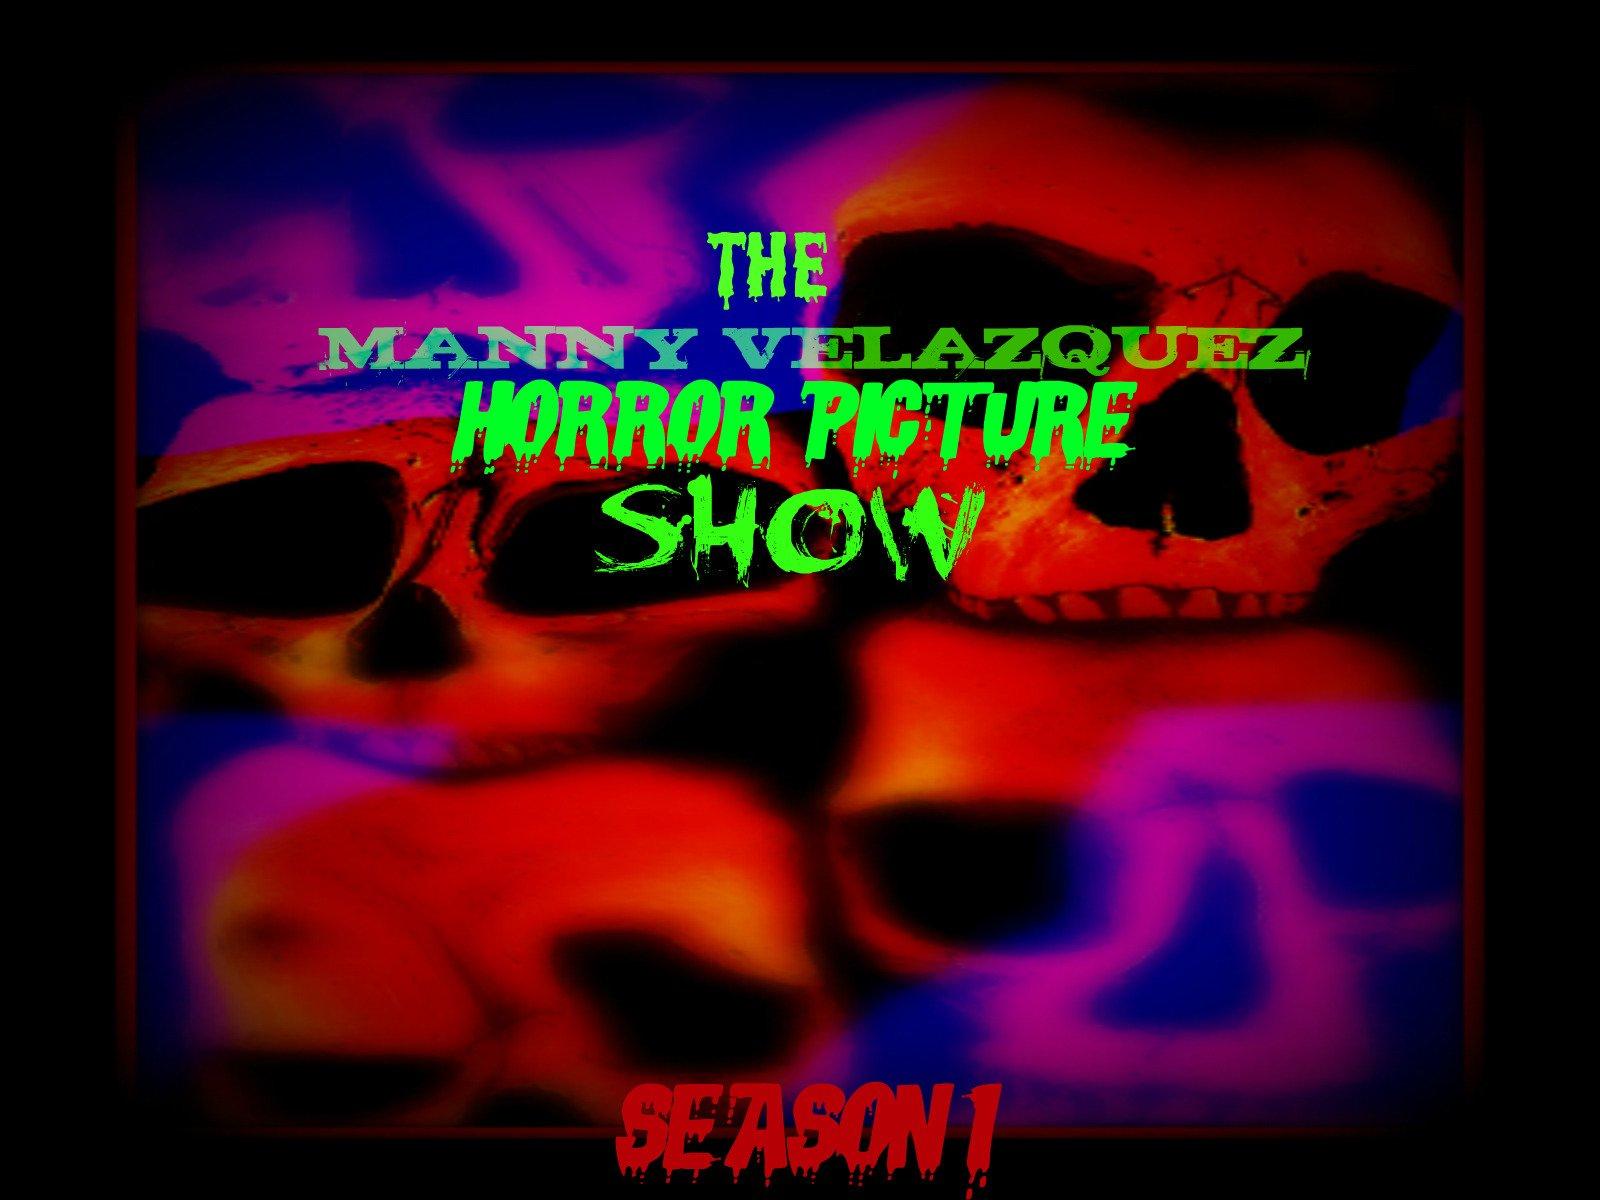 The Manny Velazquez Horror Picture Show - Season 1